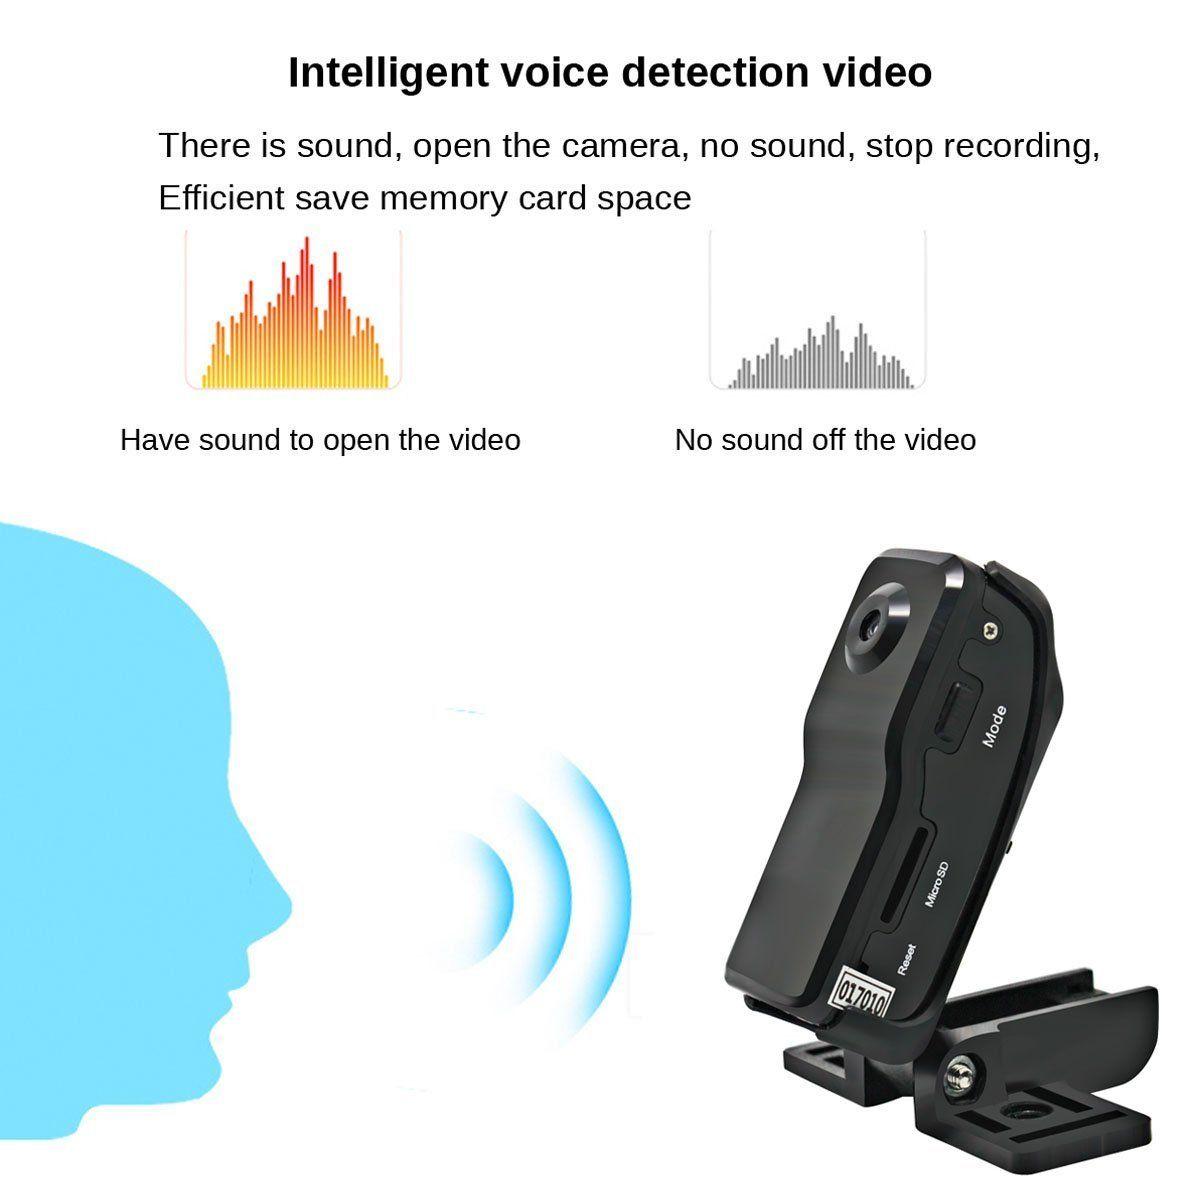 Camera gián điệp mini Camera 960P HD với tính năng phát hiện chuyển động - Video phát hiện bằng giọng nói thông minh